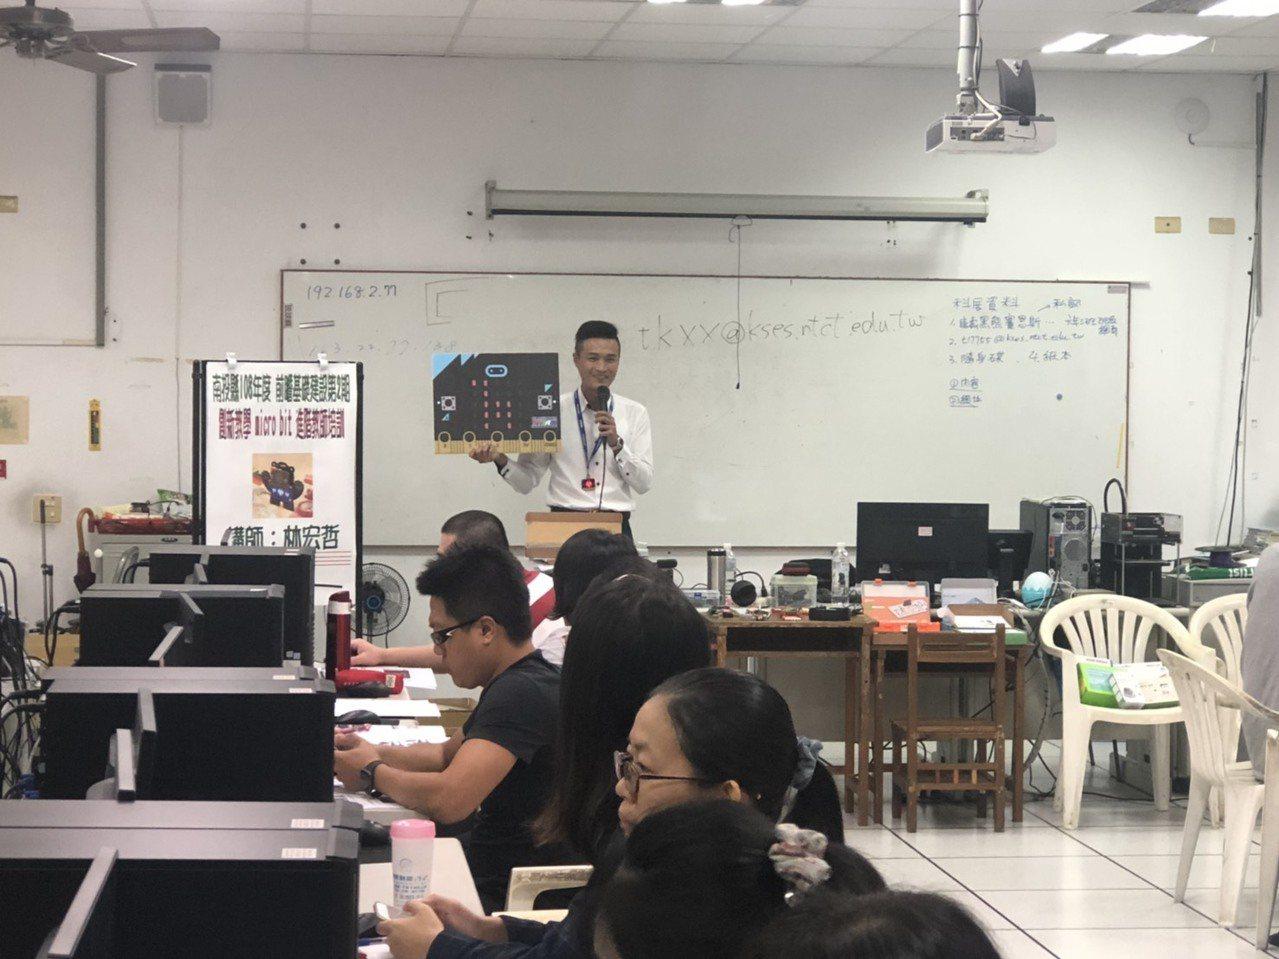 南投縣教育處辦理種子教師培訓課程,成為偏鄉科技資訊教育的推動主力。圖/施比獸教育...